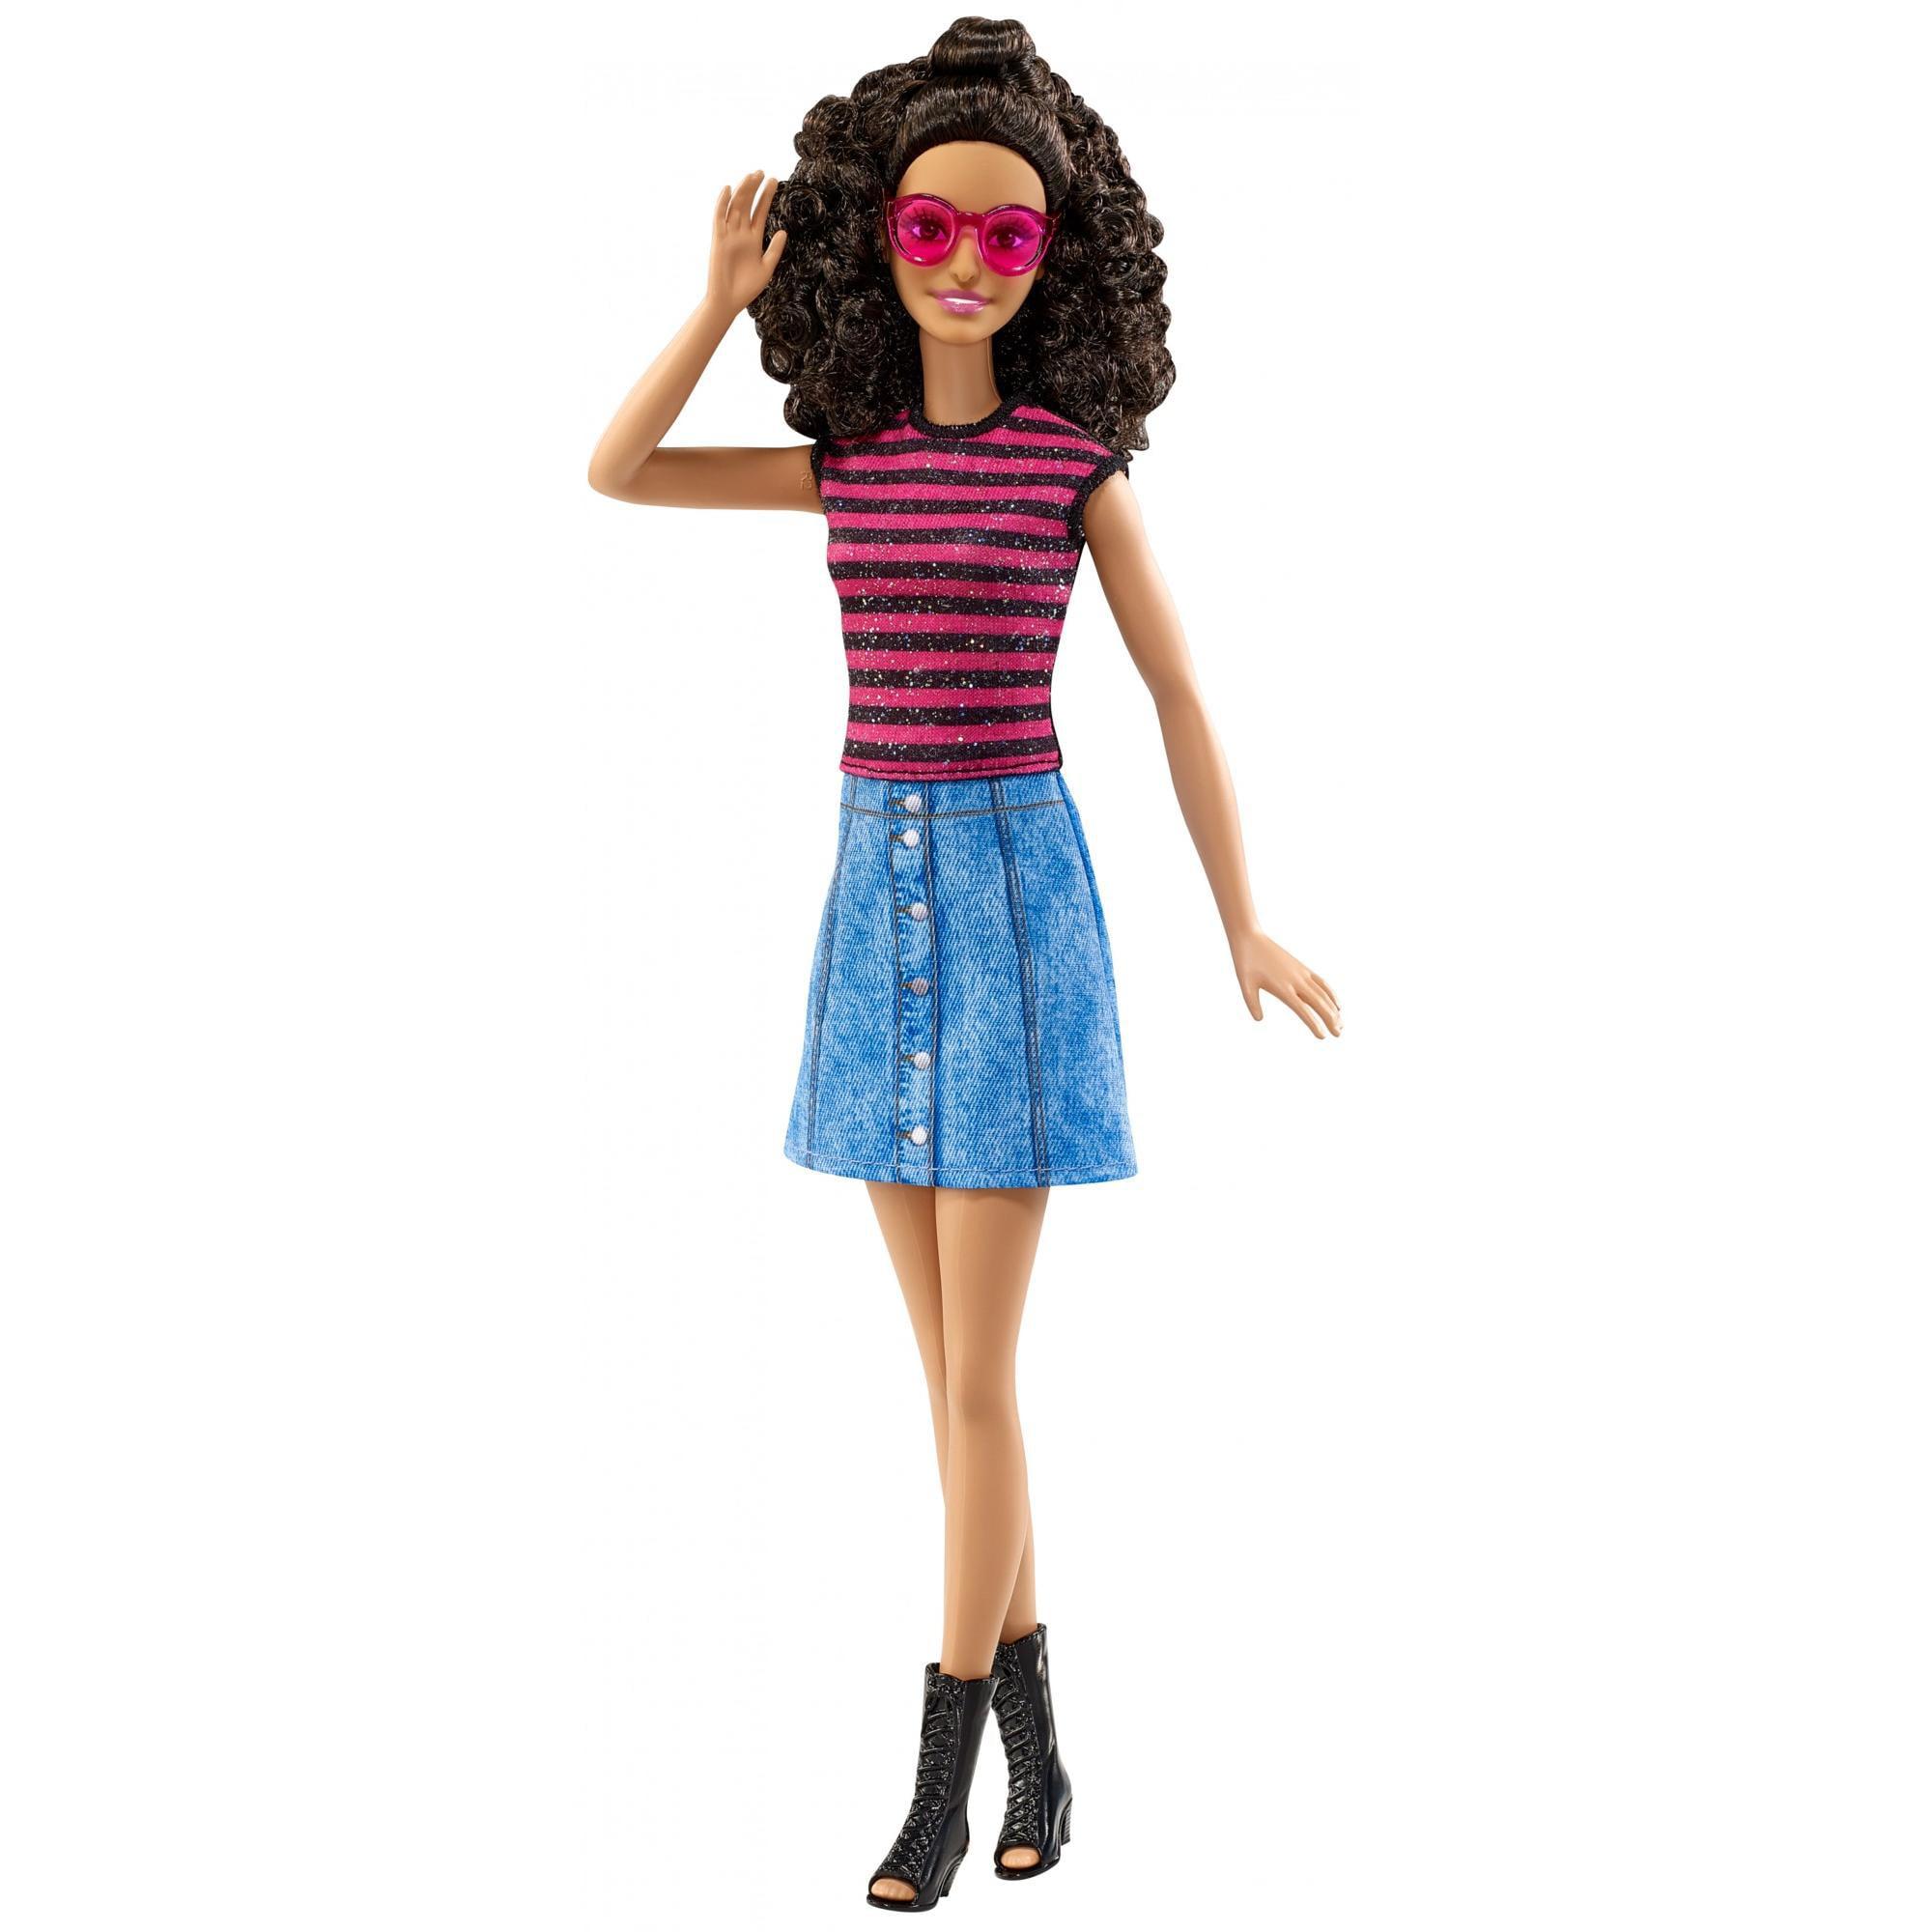 Barbie Fashionistas Doll Denim & Dazzle, Tall Body, Curly Dark Hair by MATTEL INC.